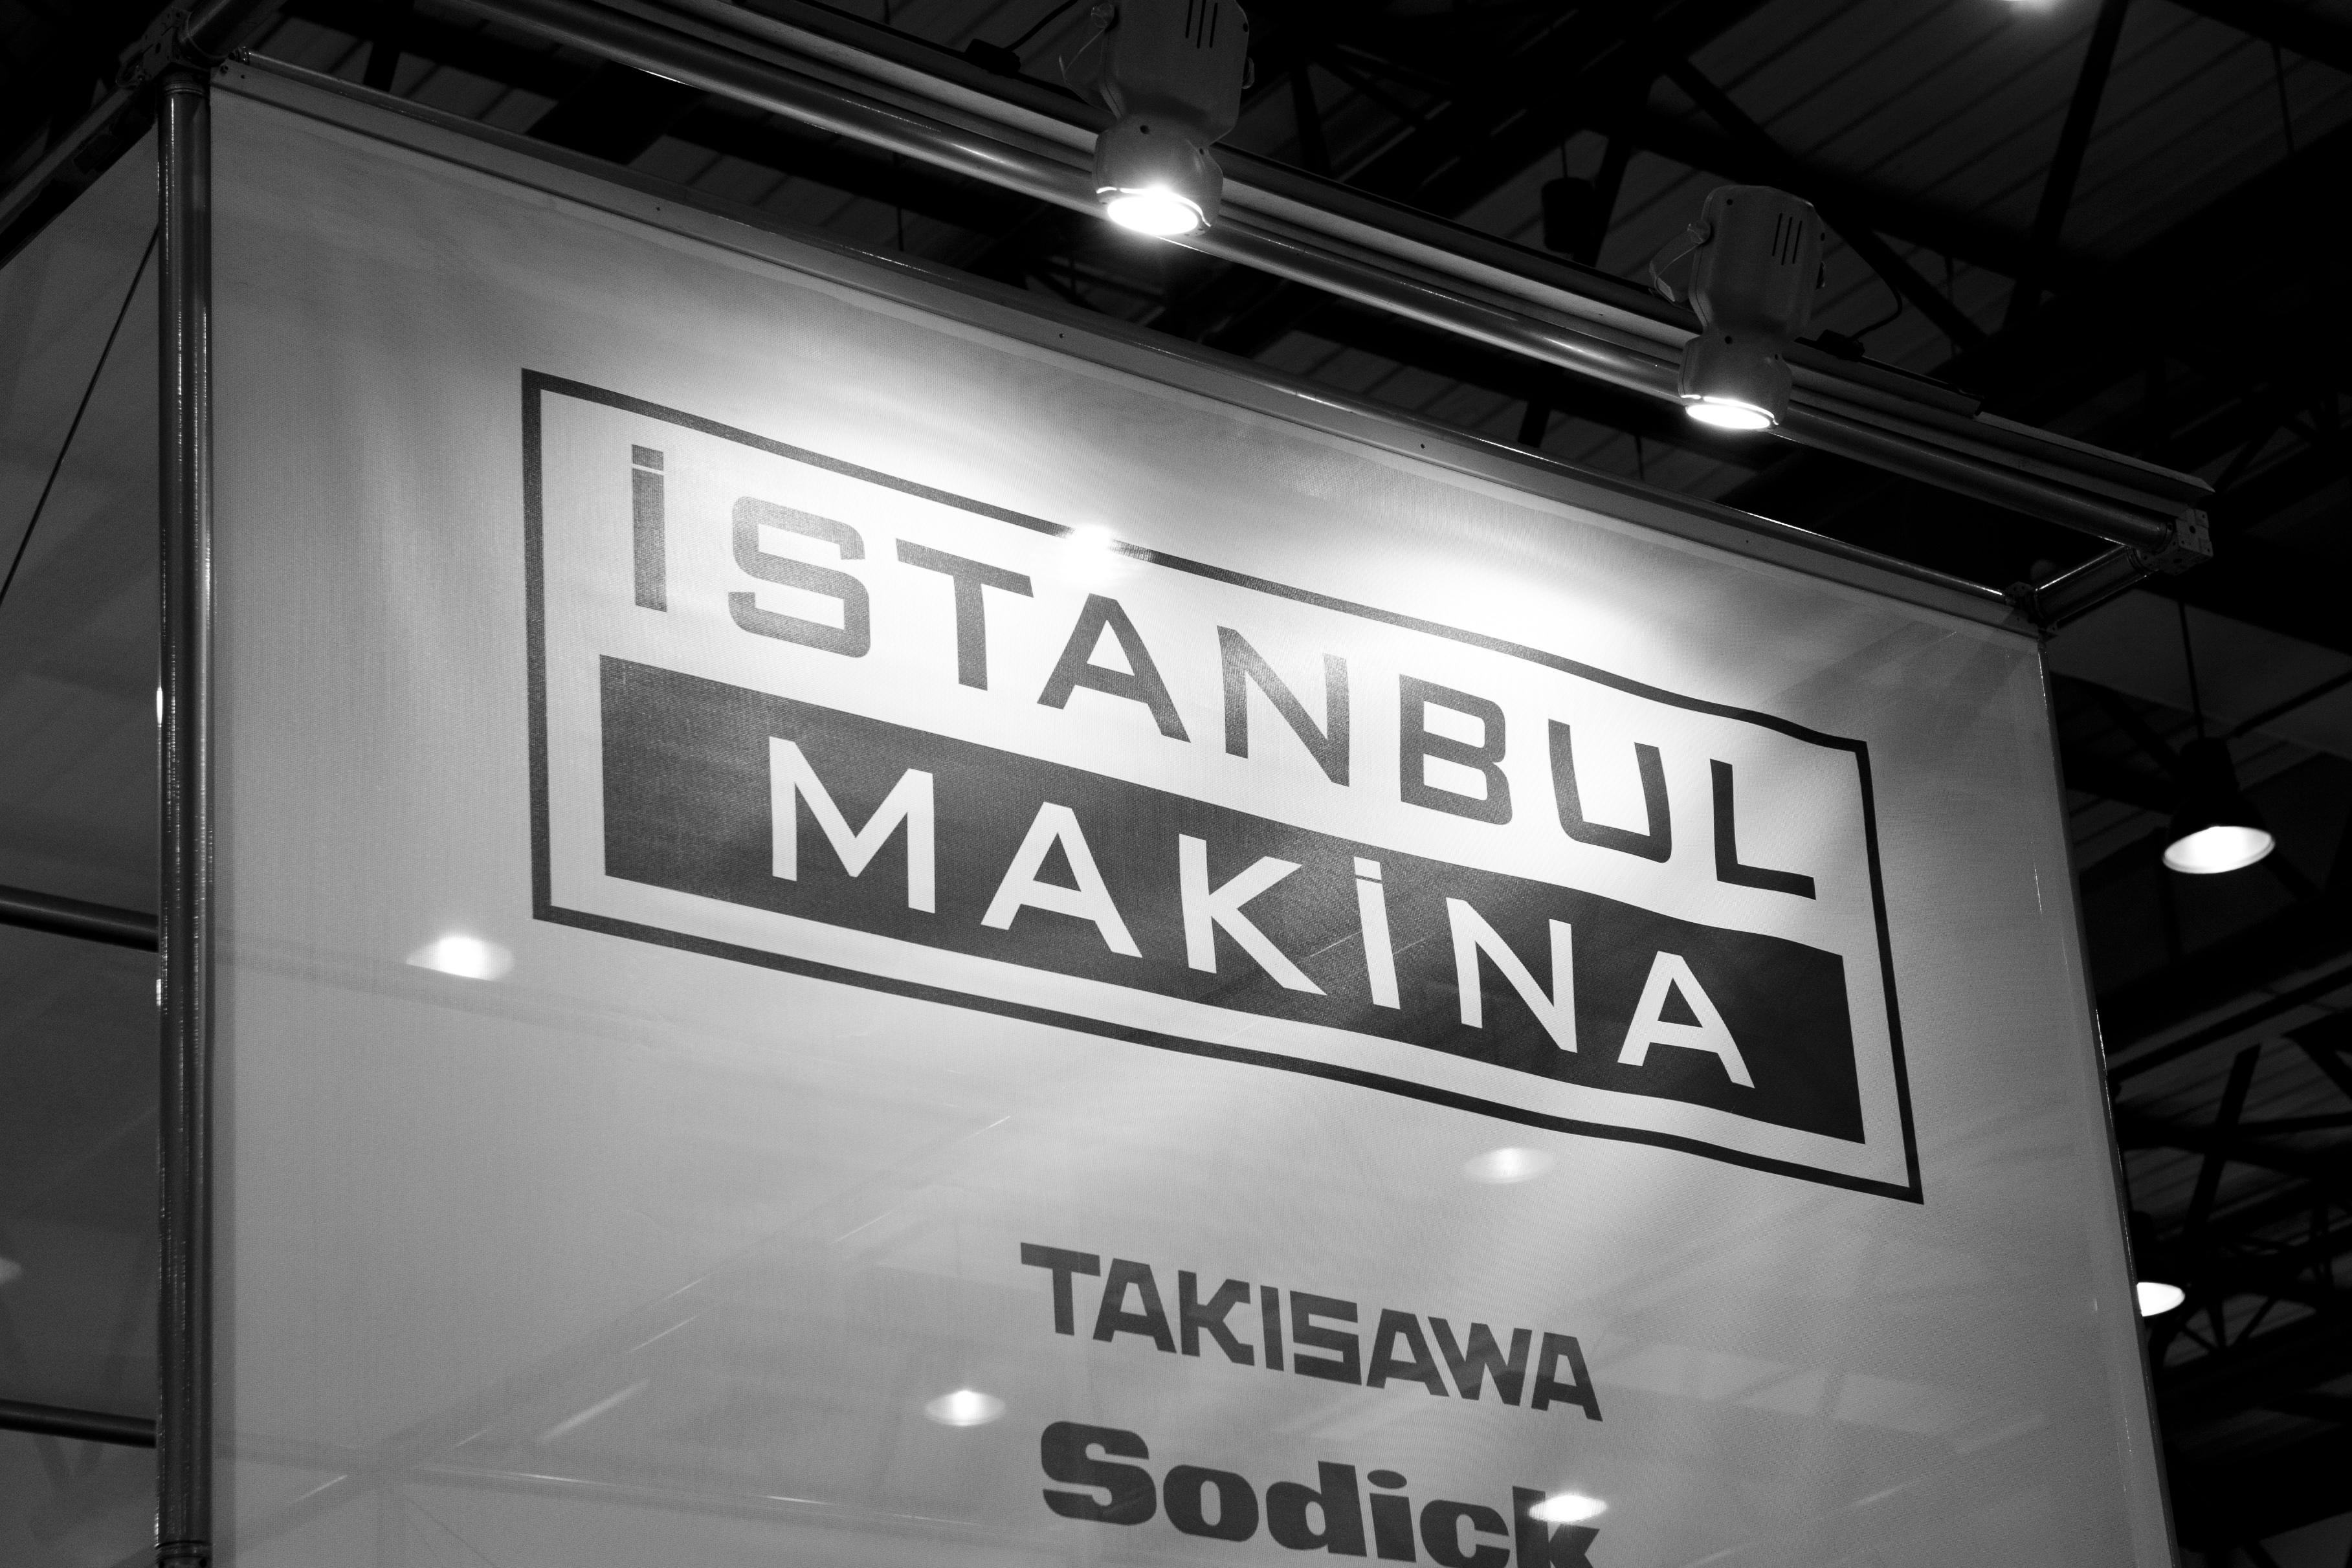 2012_10_07_unda_makina_142.jpg